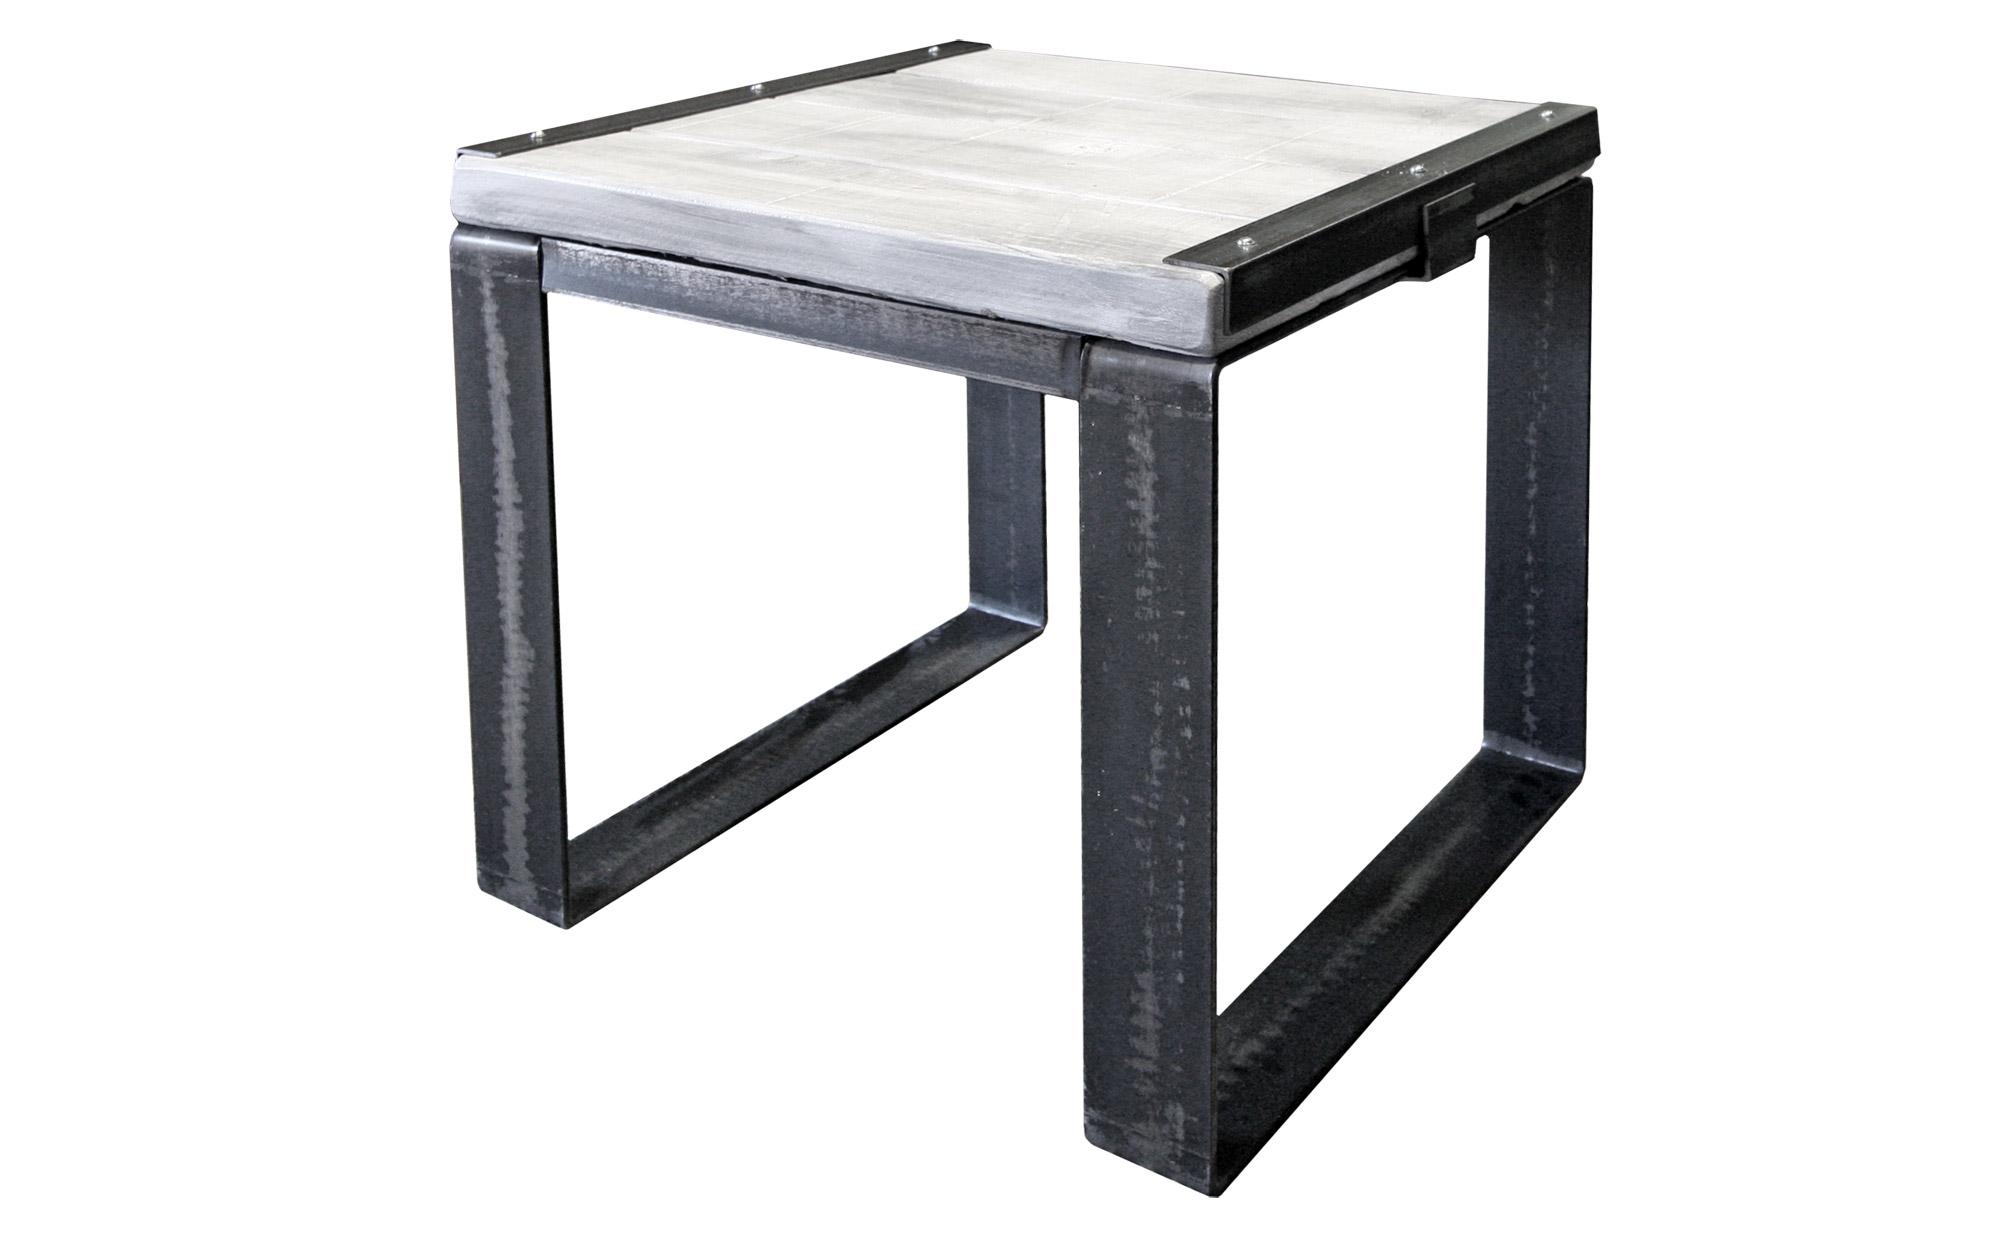 END TABLE HEMLOCK